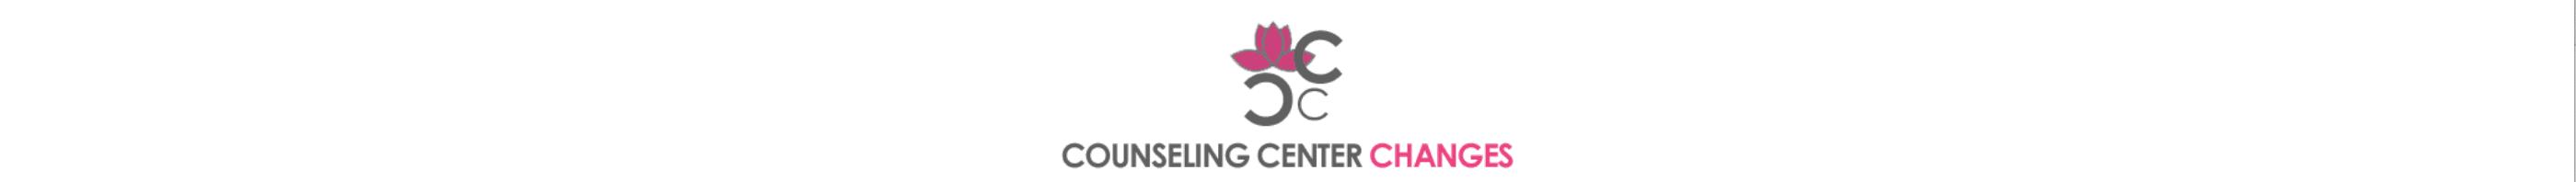 logo-ccc-full-width